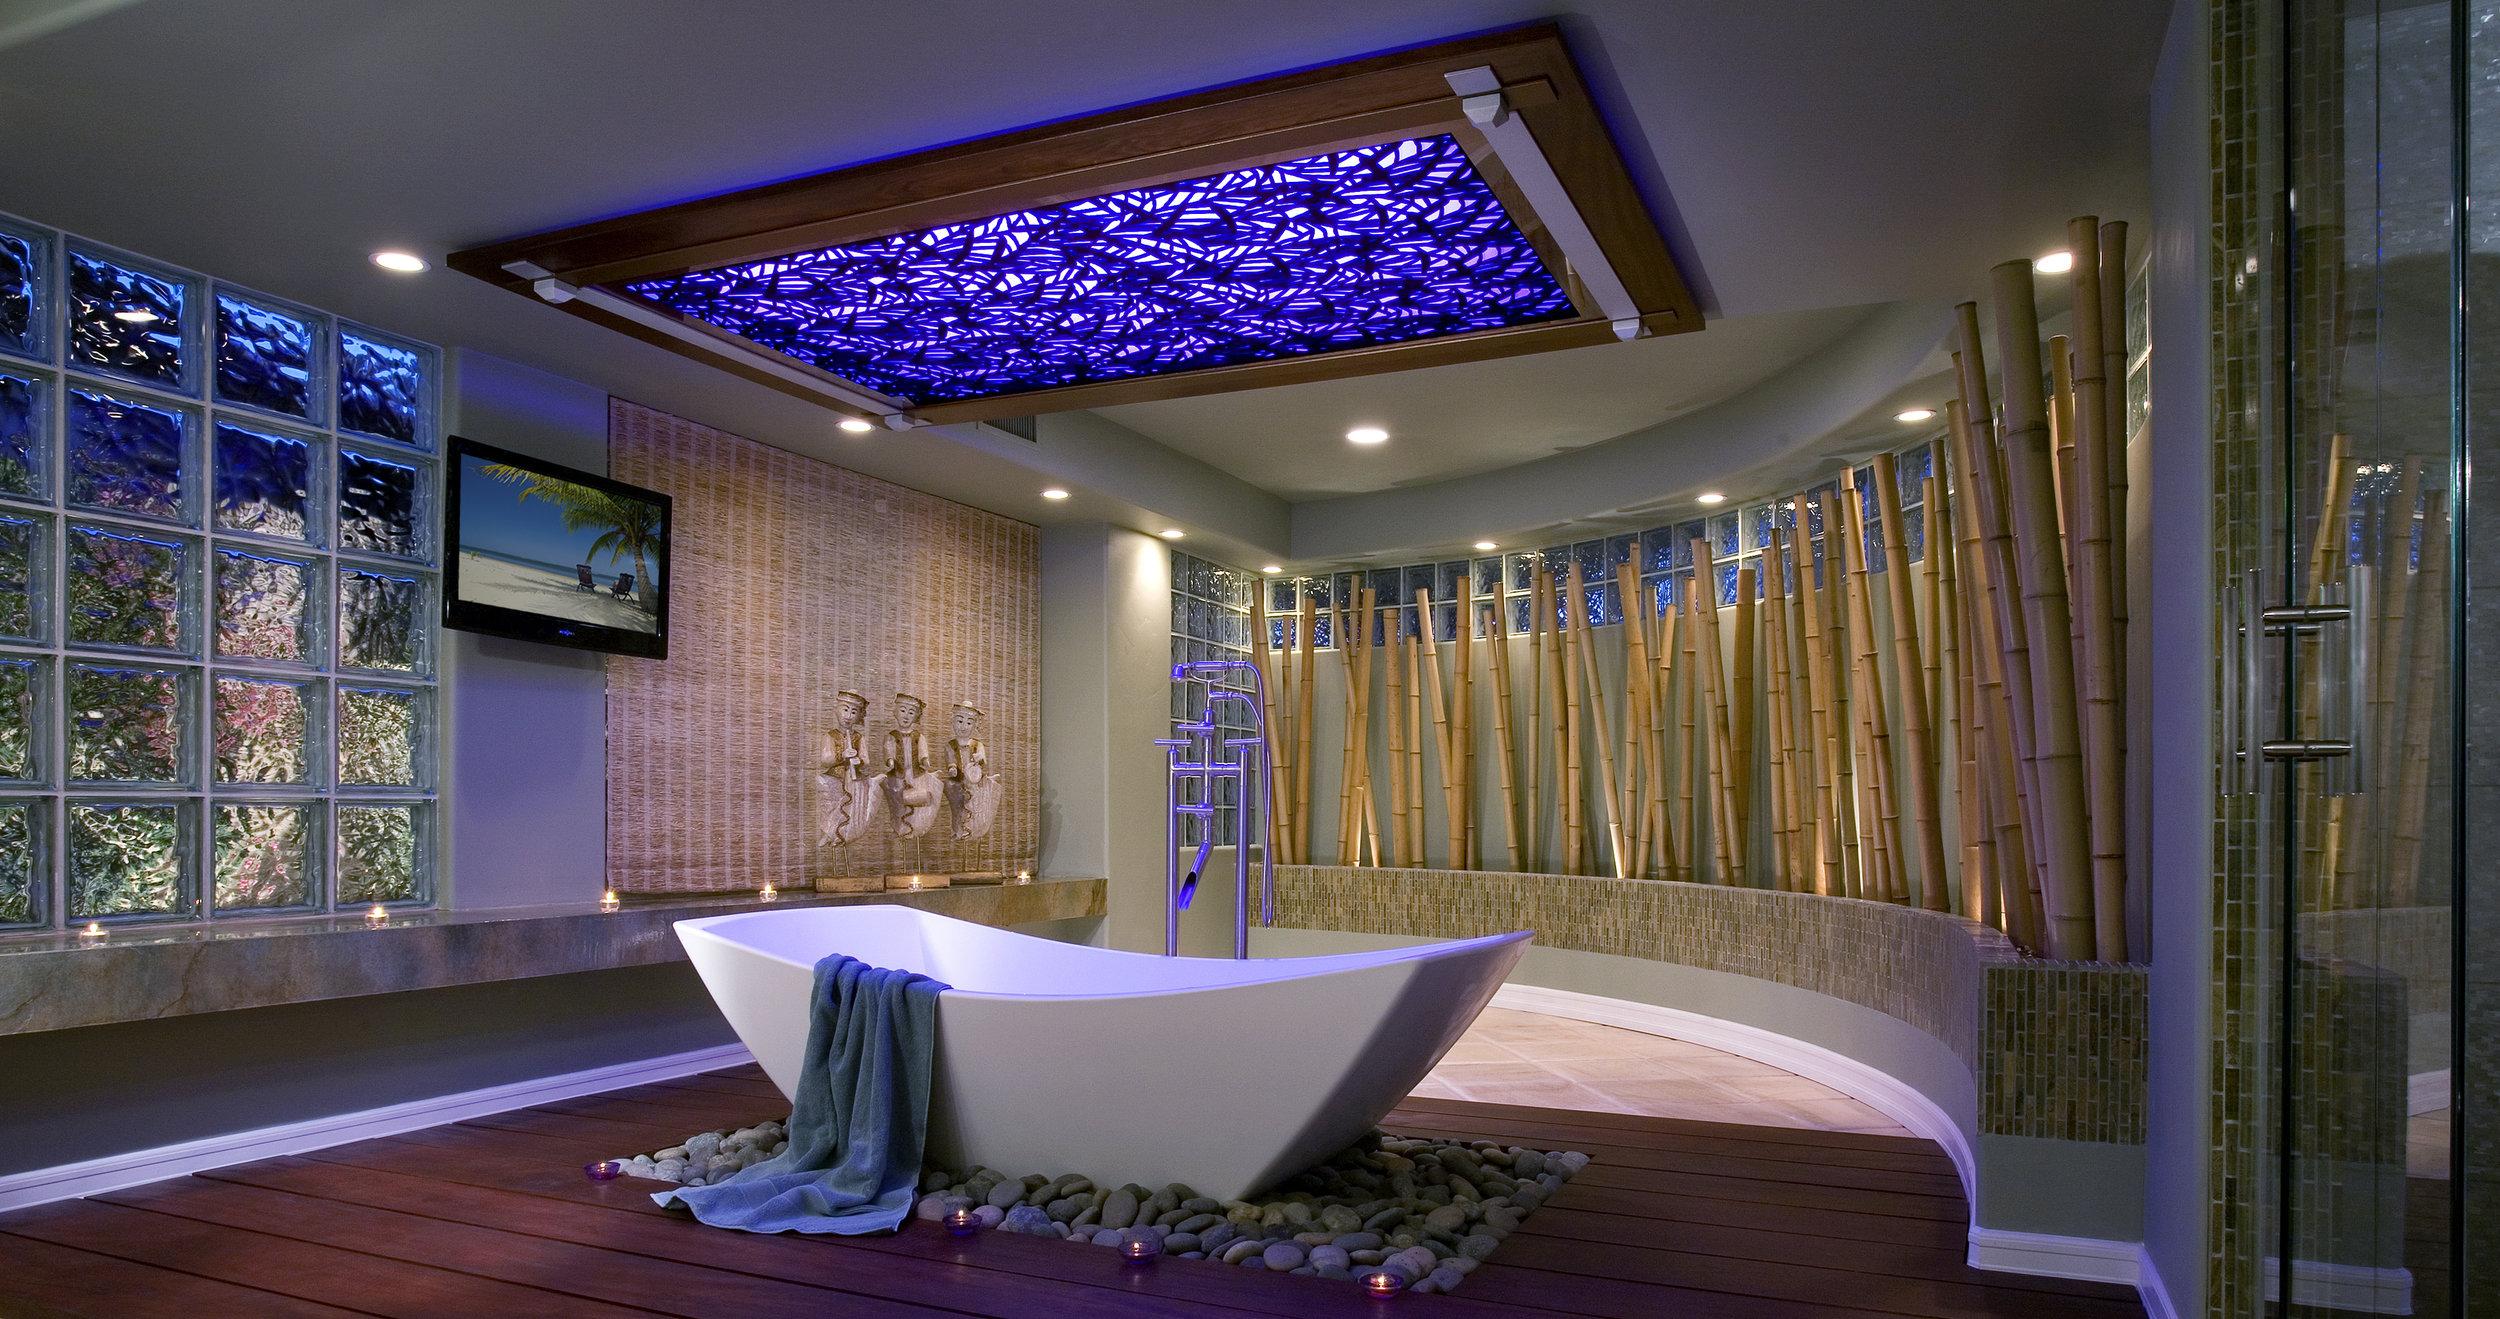 Japanese Bamboo lit bathroom panel-FOR WEBSITE.jpg